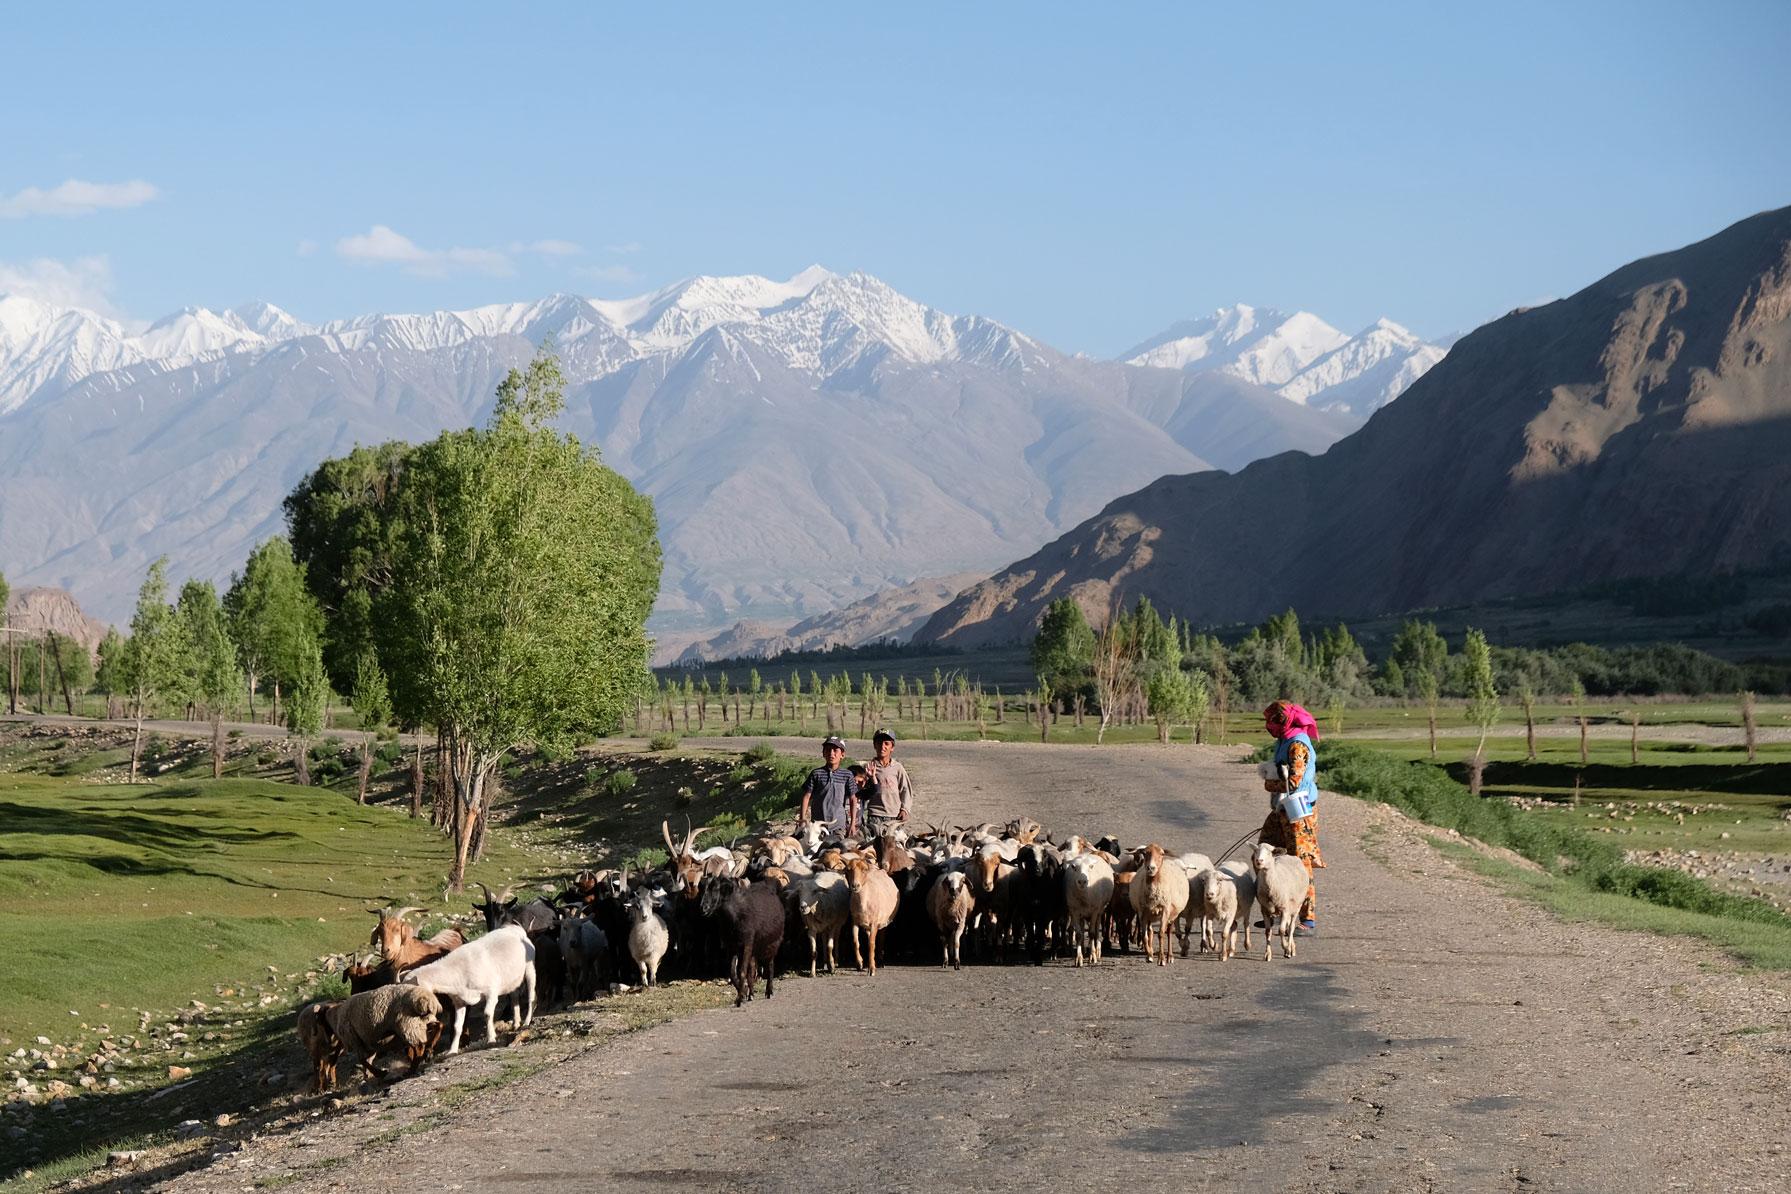 Drei Personen führen eine ZTiegenherde auf dem Pamir Highway.